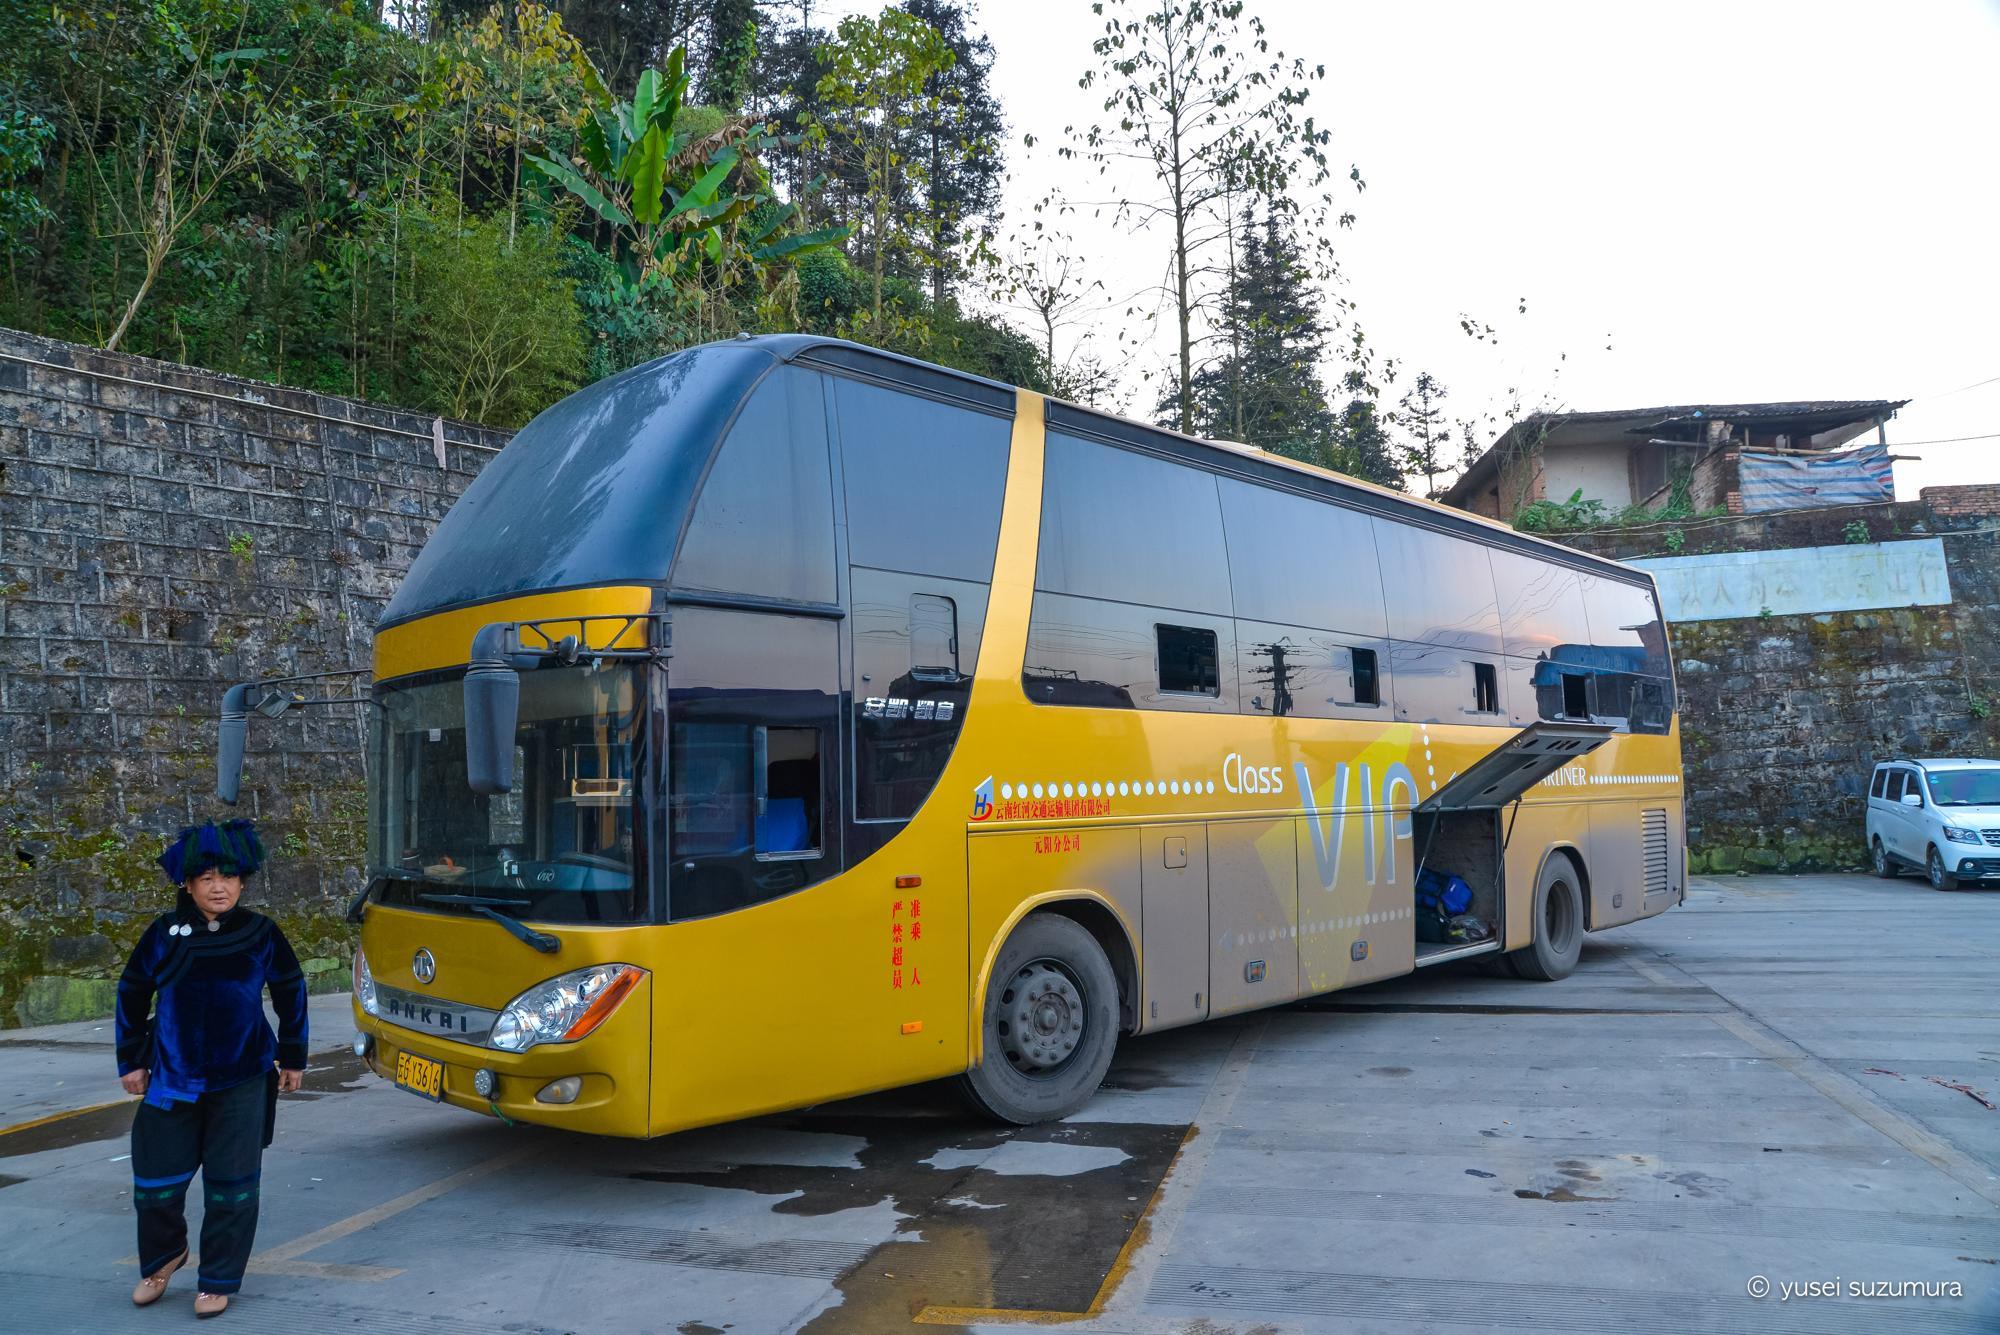 新街鎮から昆明への夜行バス